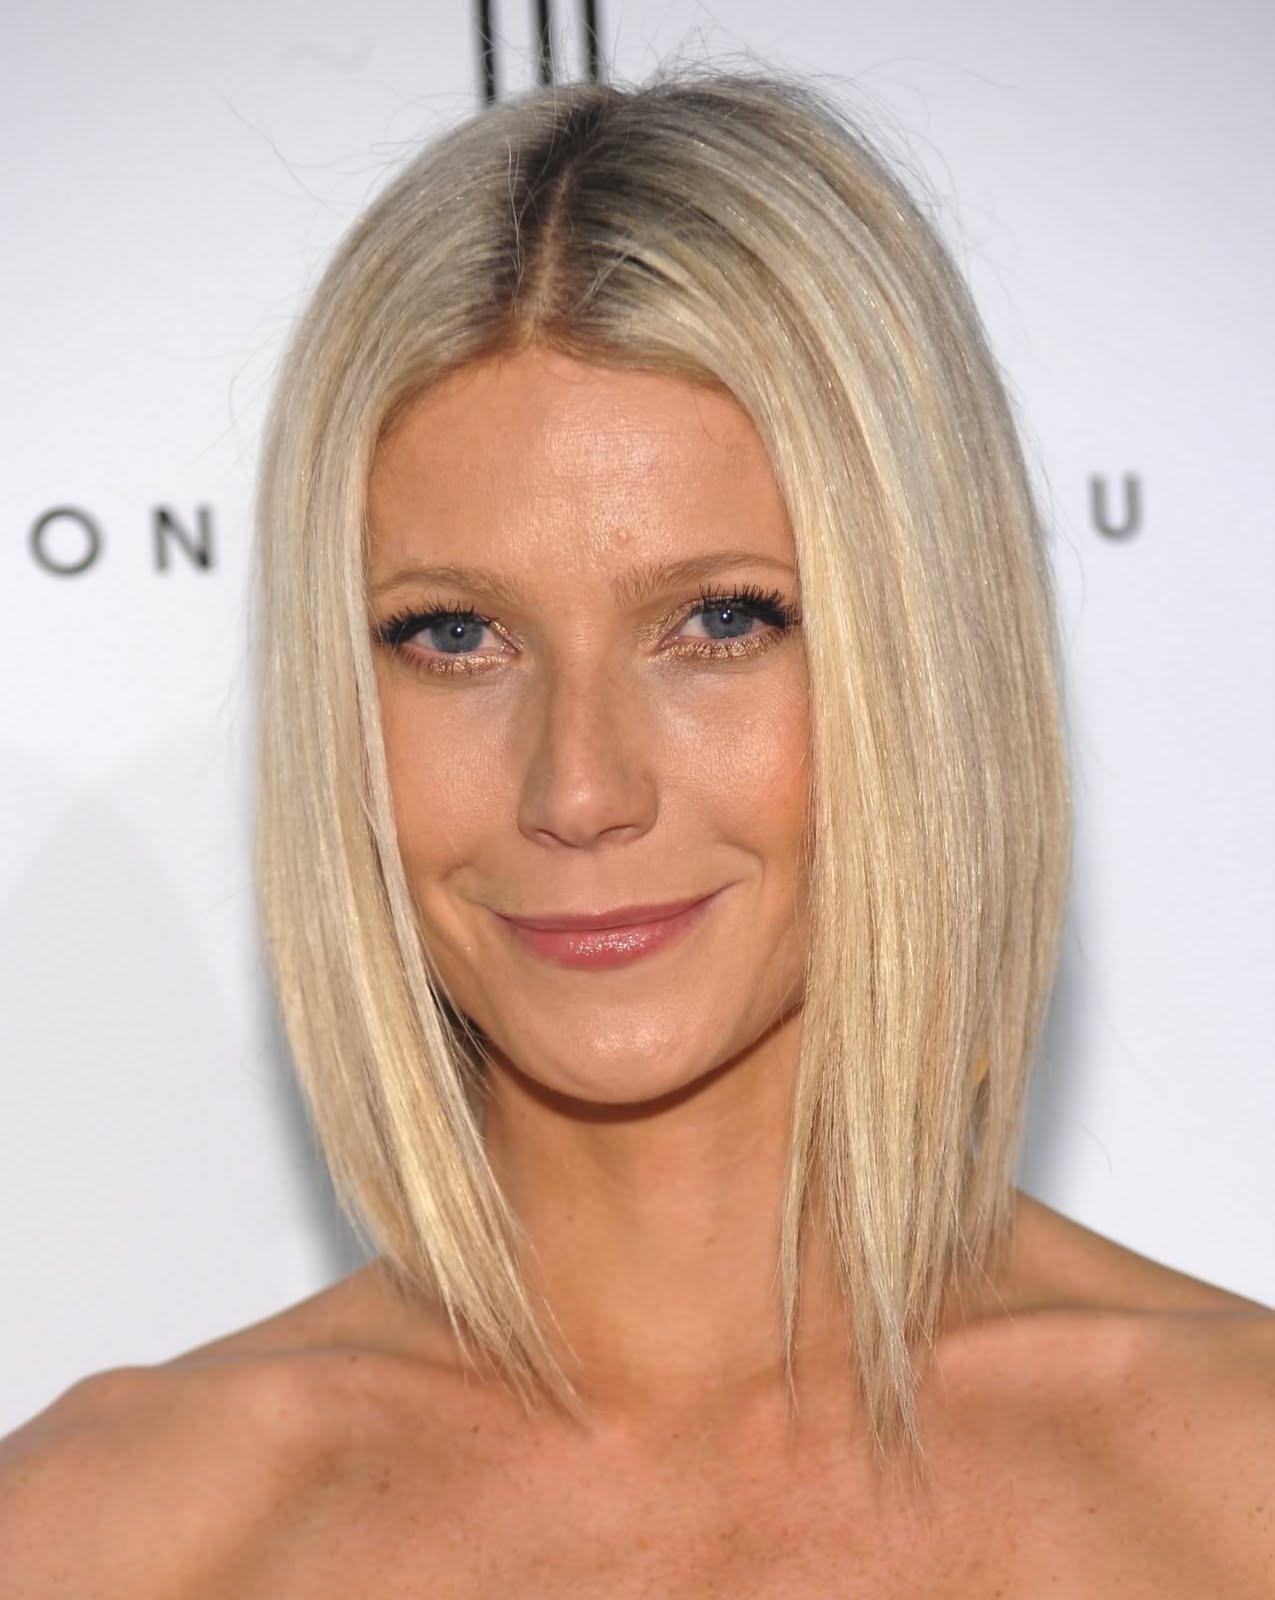 http://1.bp.blogspot.com/-U06a4_fvGRw/TjO8tkp6jMI/AAAAAAAAAws/JeFMjp-d5AM/s1600/gwyneth-paltrow-2028.jpg